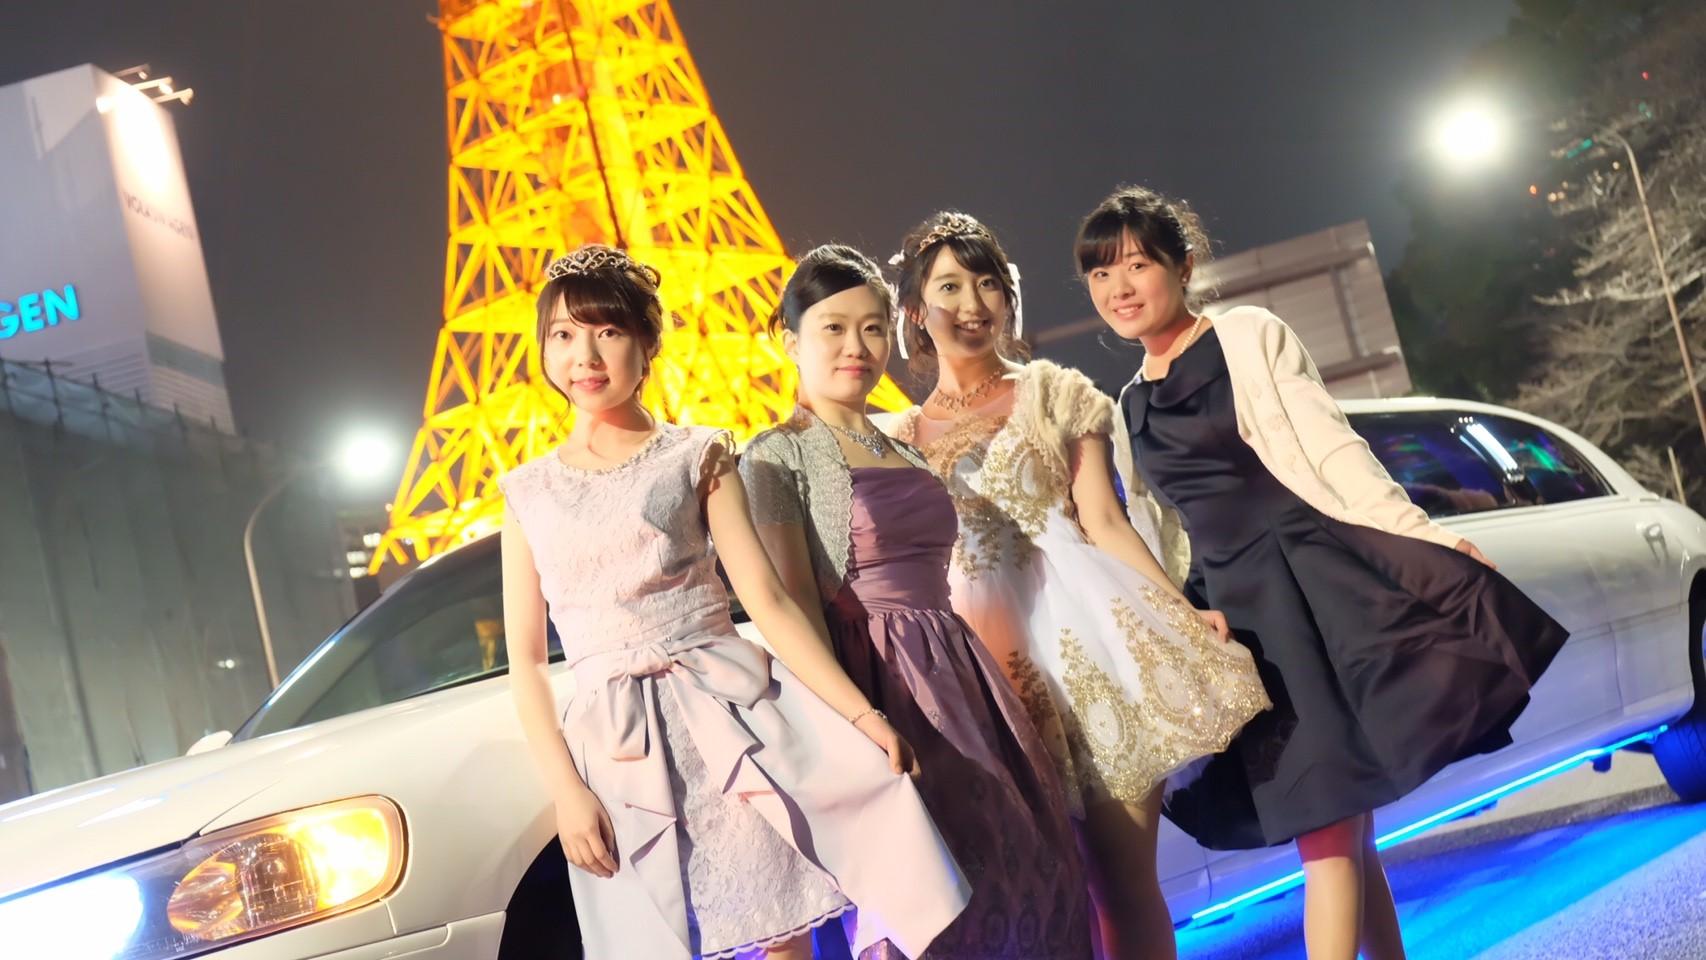 リムジンパーティー 東京タワー撮影